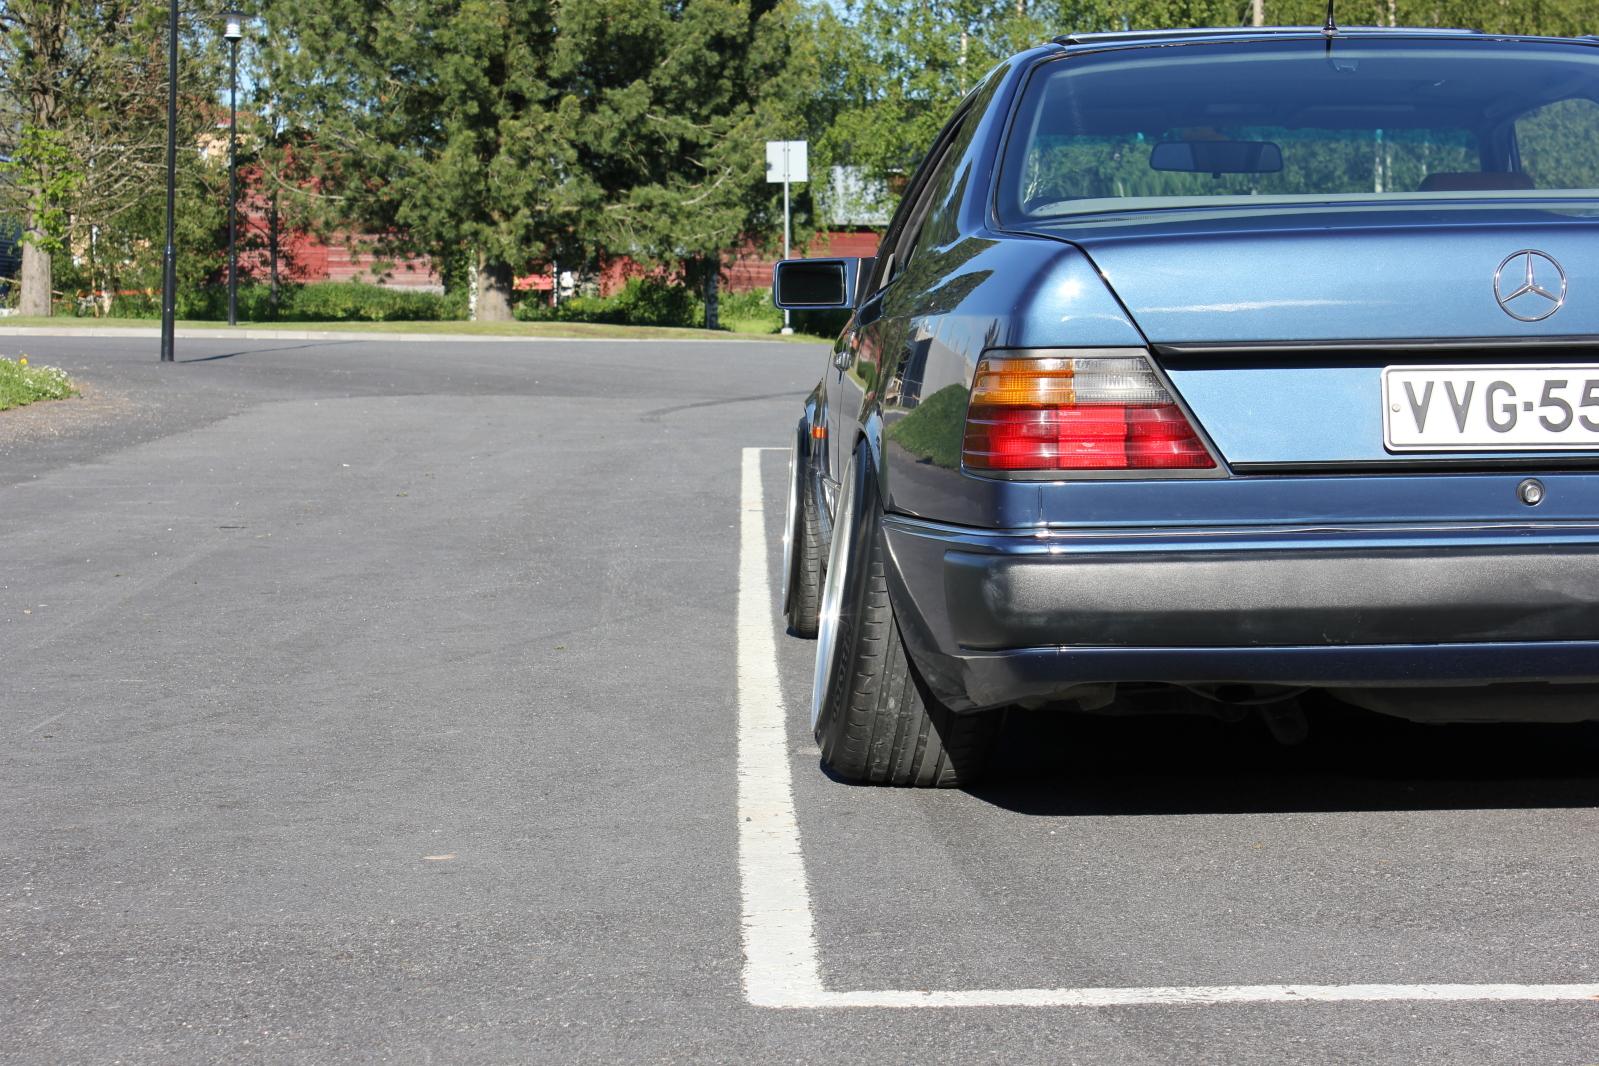 Kuvia käyttäjien autoista - Sivu 31 Ngya38